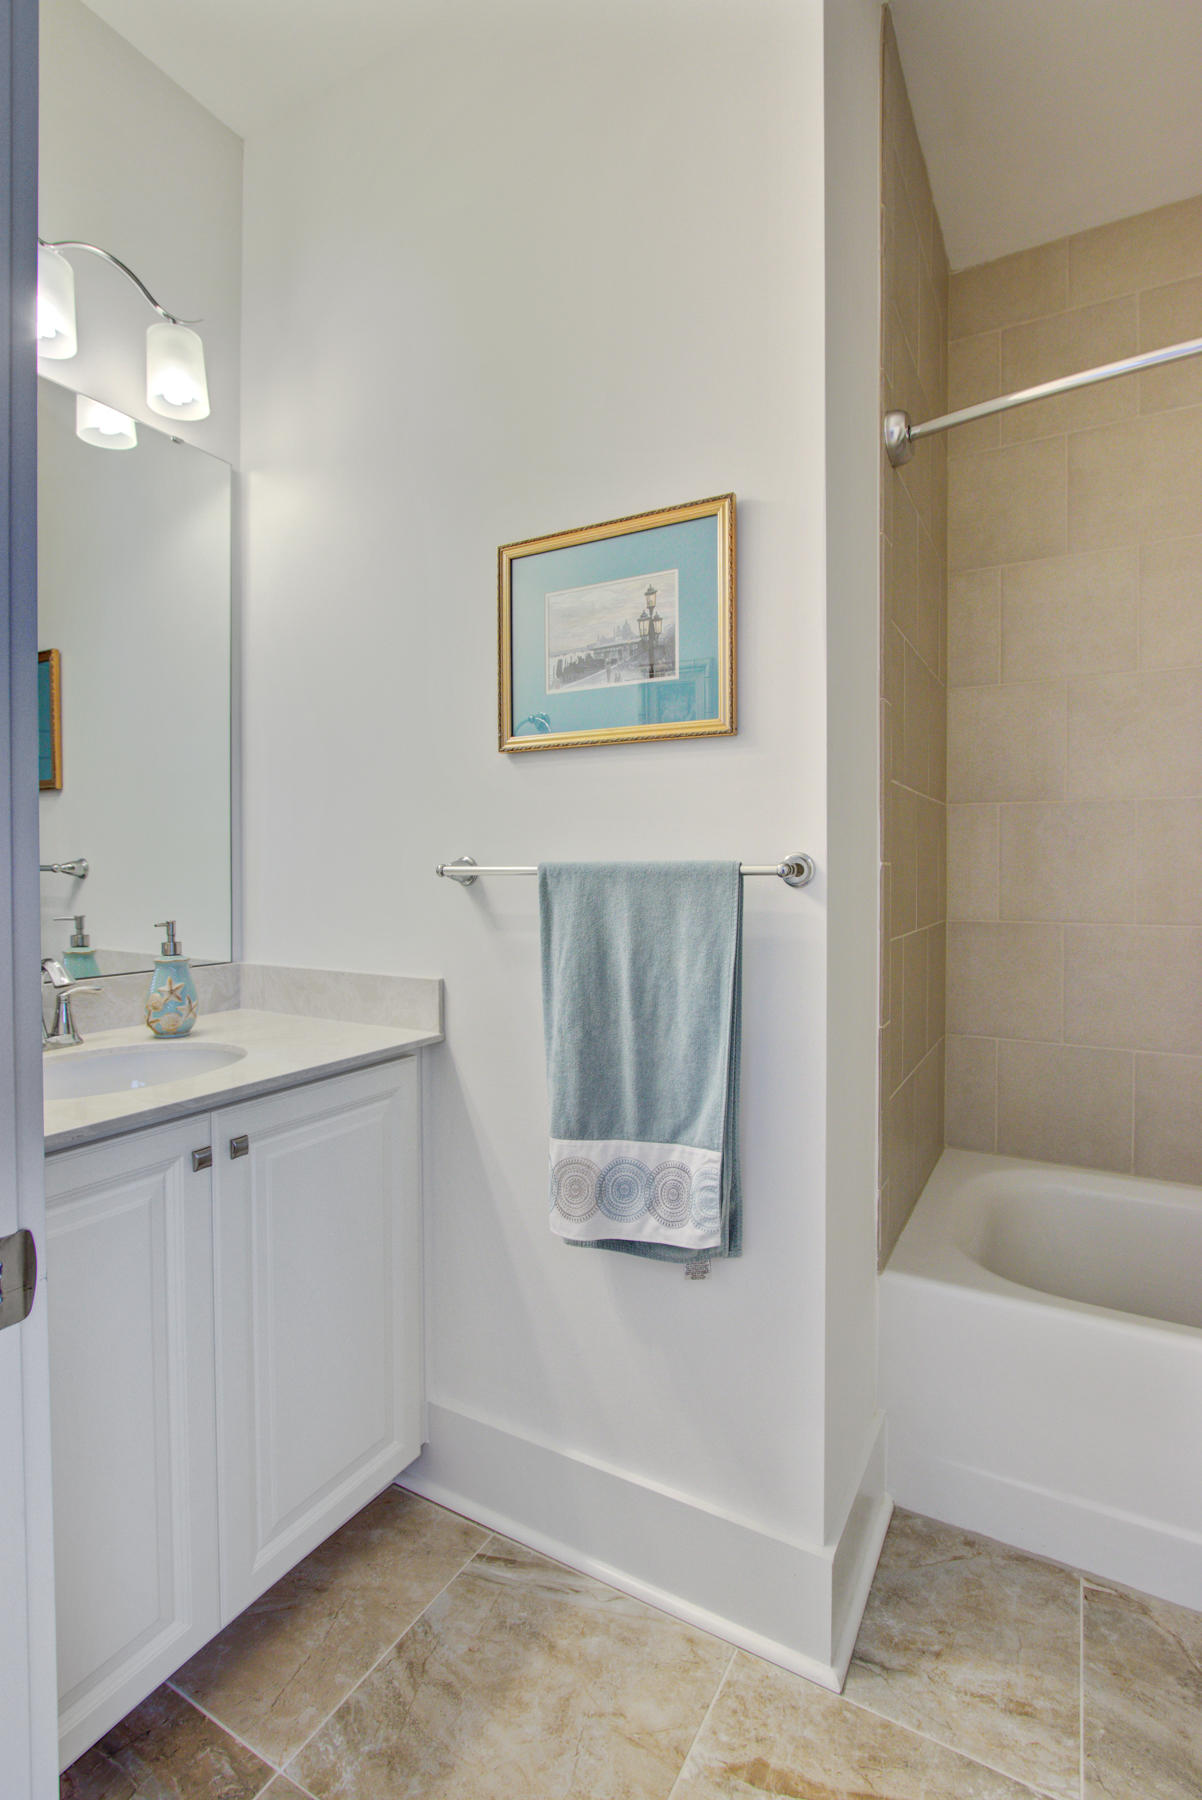 Dunes West Homes For Sale - 2984 Yachtsman, Mount Pleasant, SC - 35